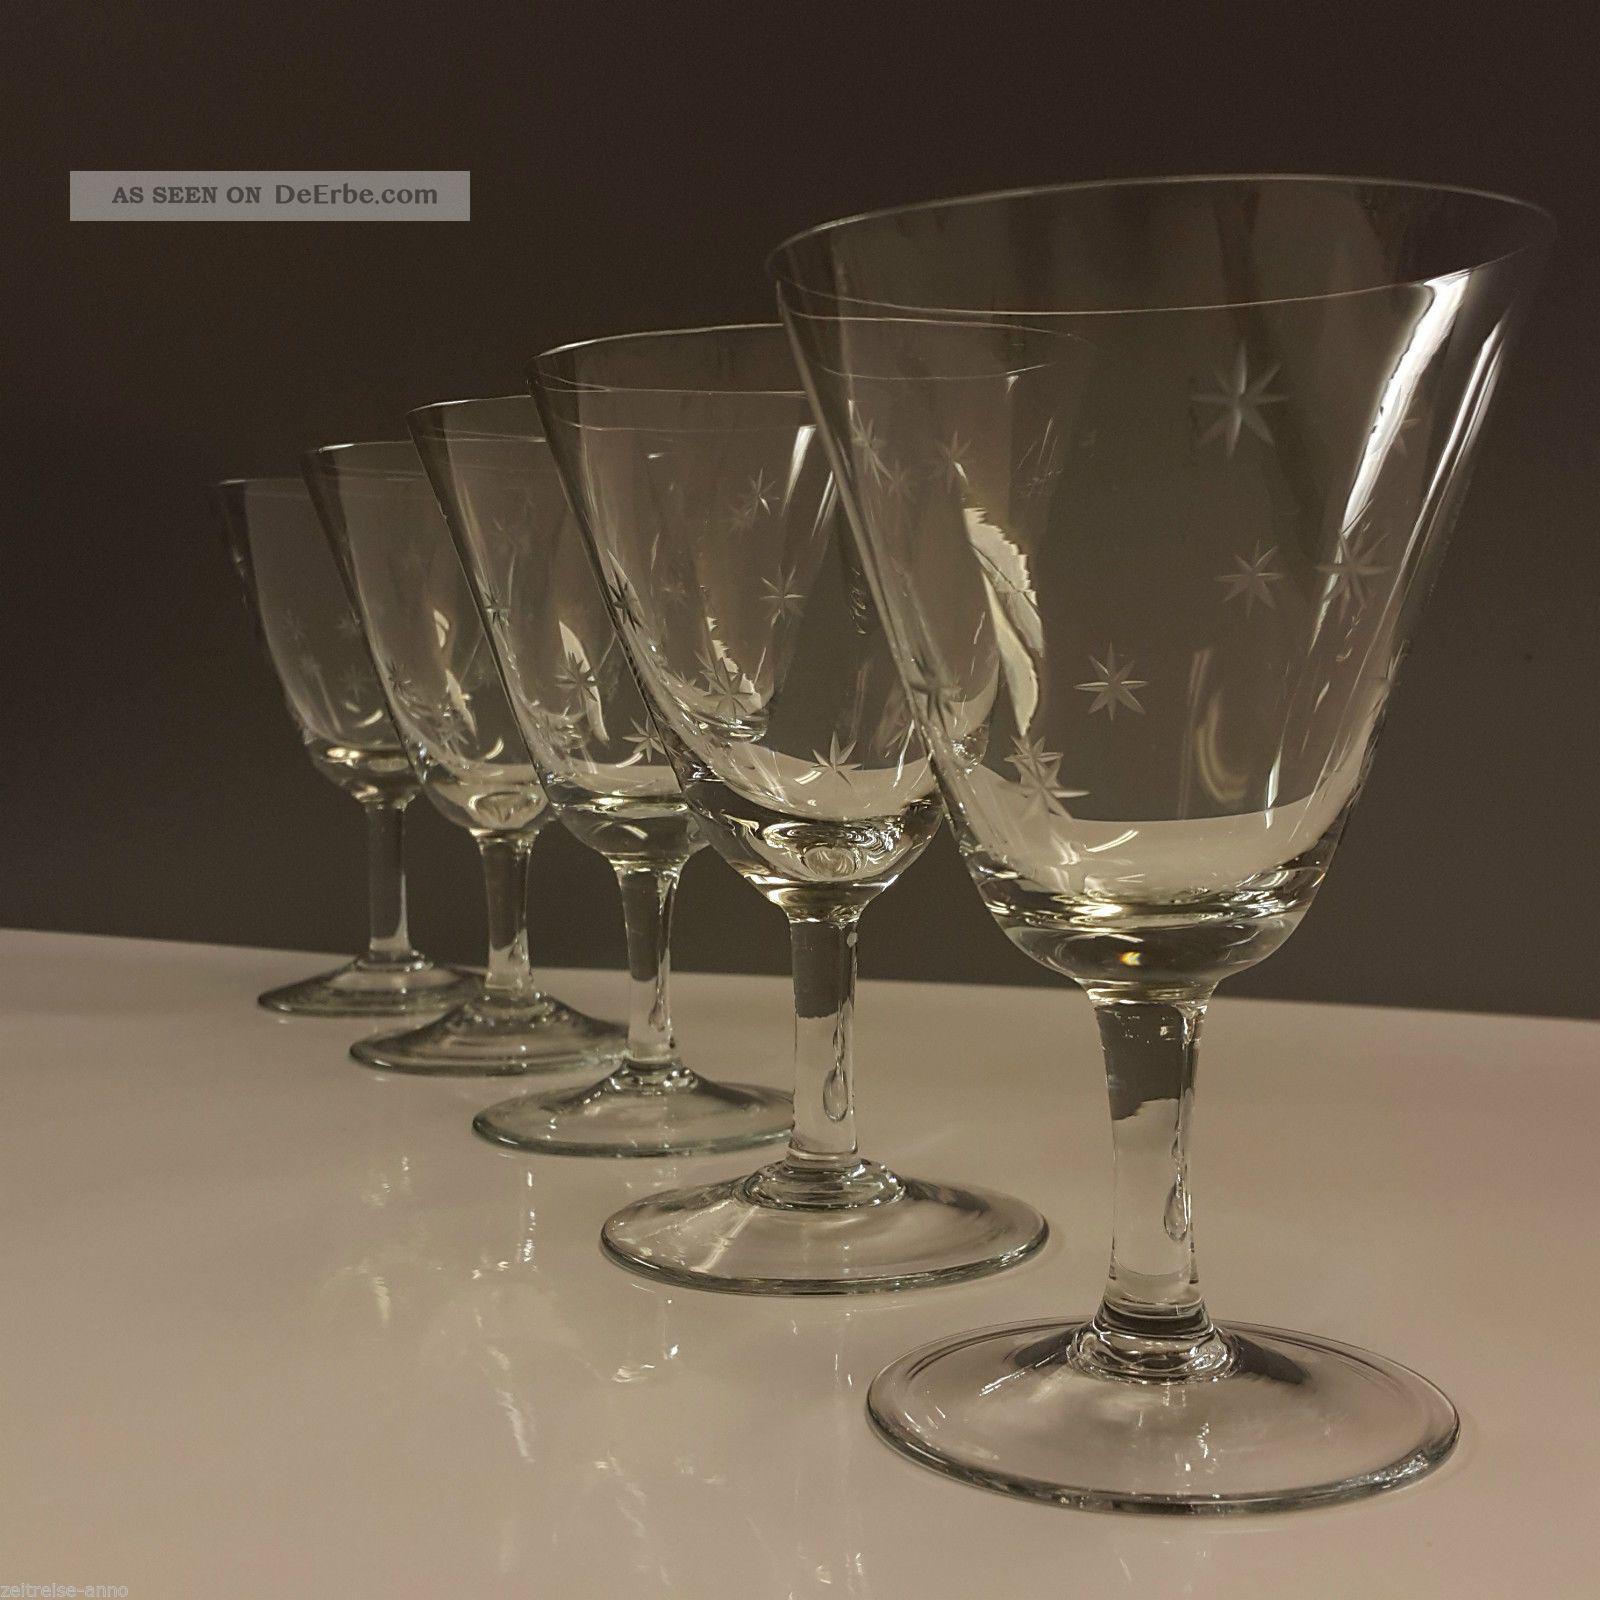 5 Alte Kristall Weingläser Dünnwandig Feiner Sternchenschliff Sterne Gravour Kristall Bild